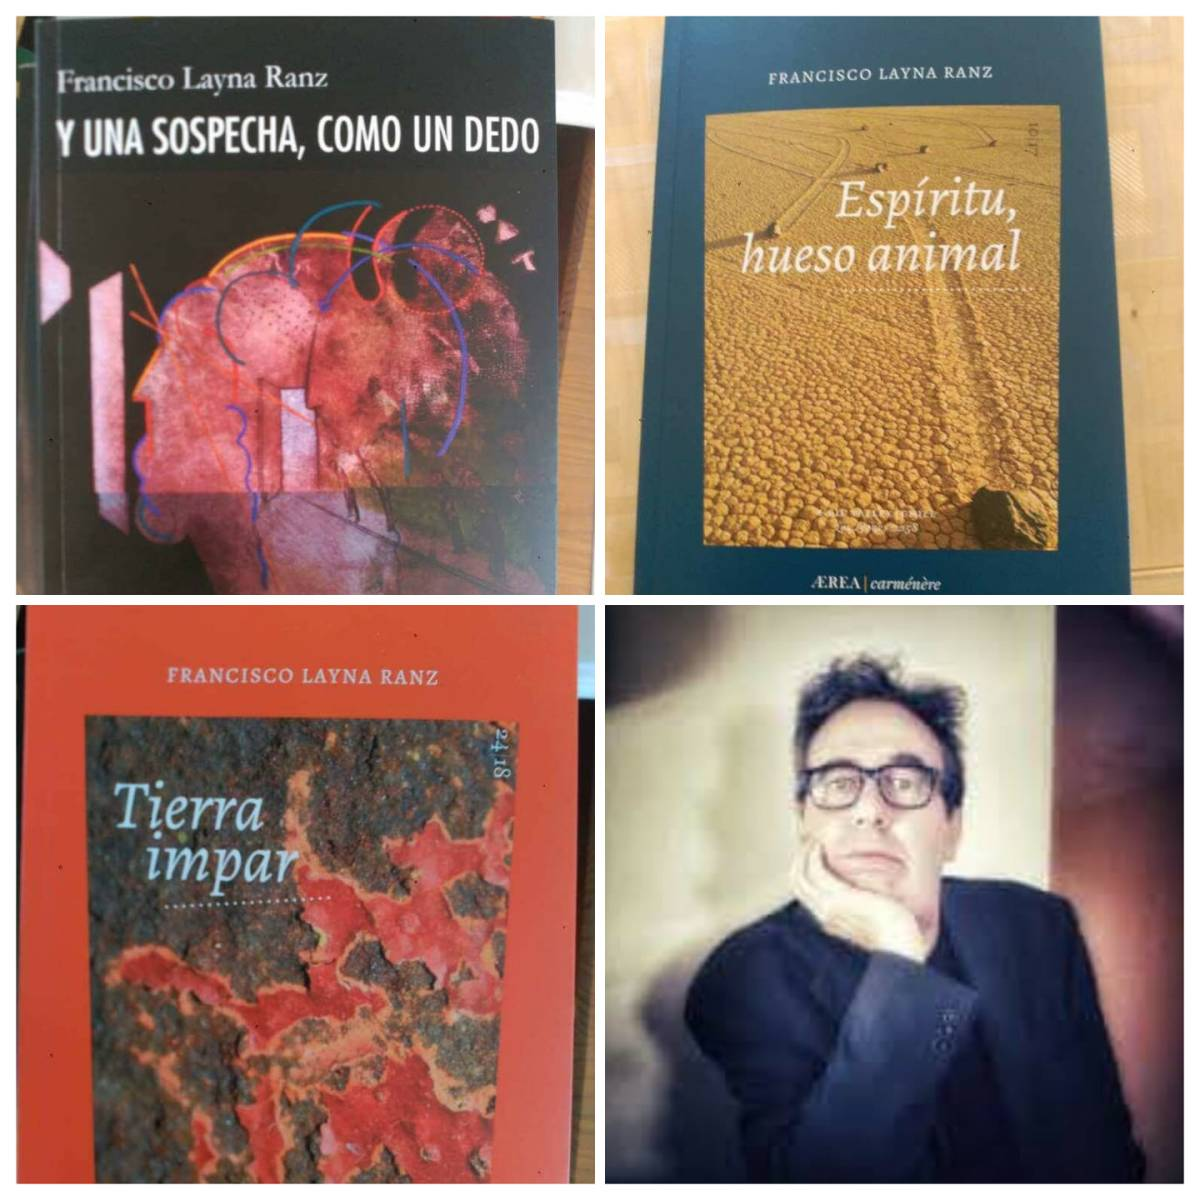 Francisco Layna Ranz: «Lo diáfano no admite glosa». Entrevista sobre su obra poética y por el  panorama de la poesía española actual